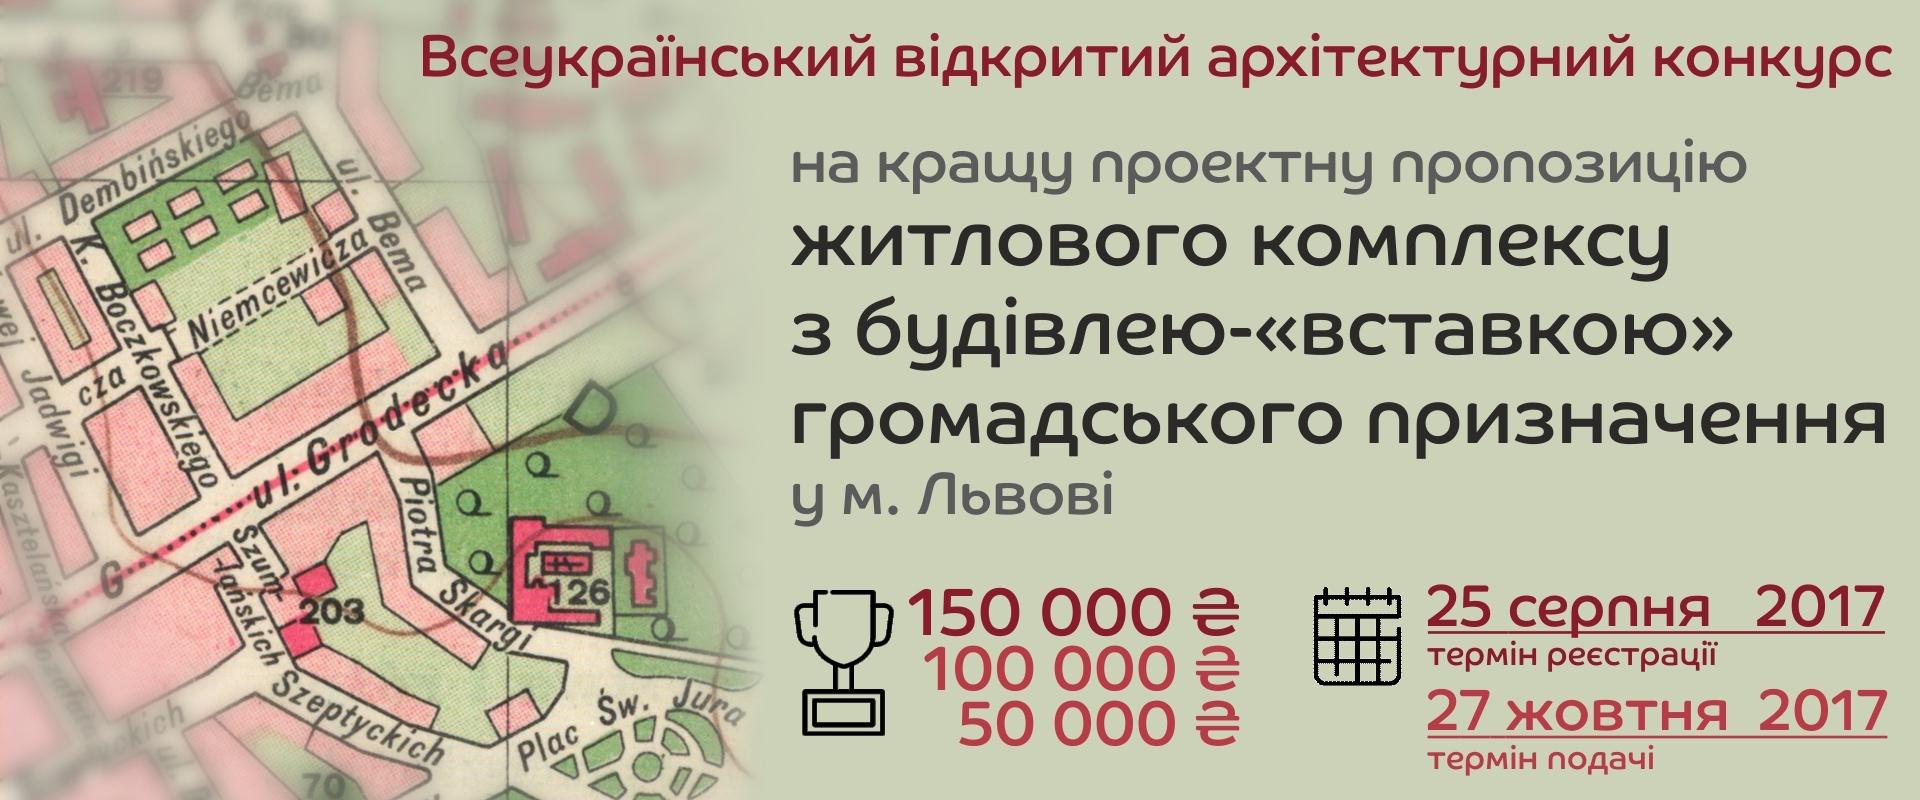 Horodotska